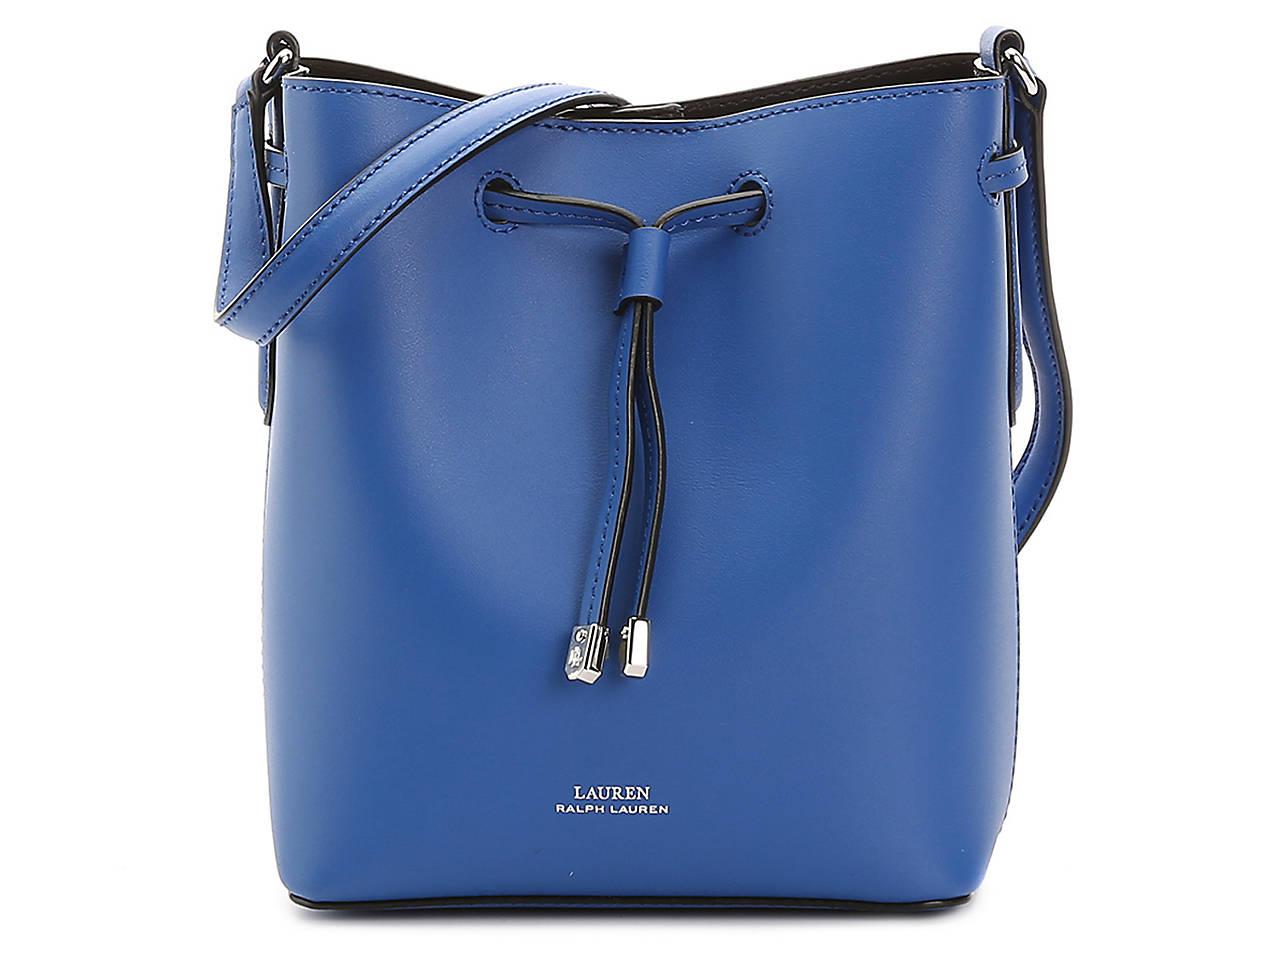 Lauren Ralph Lauren Dryden Debby Leather Crossbody Bag Women s Handbags    Accessories  440aba44574d7